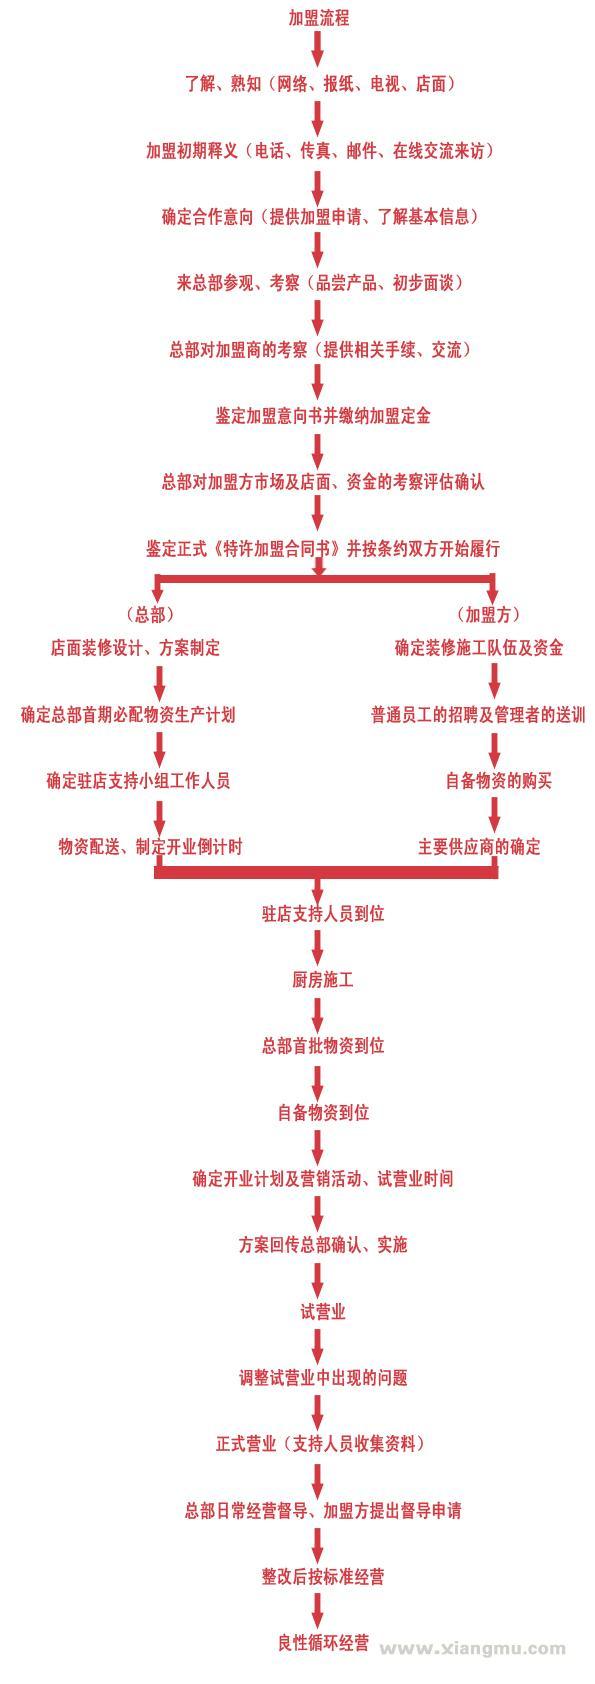 老队长知青火锅连锁店全国招商加盟_7